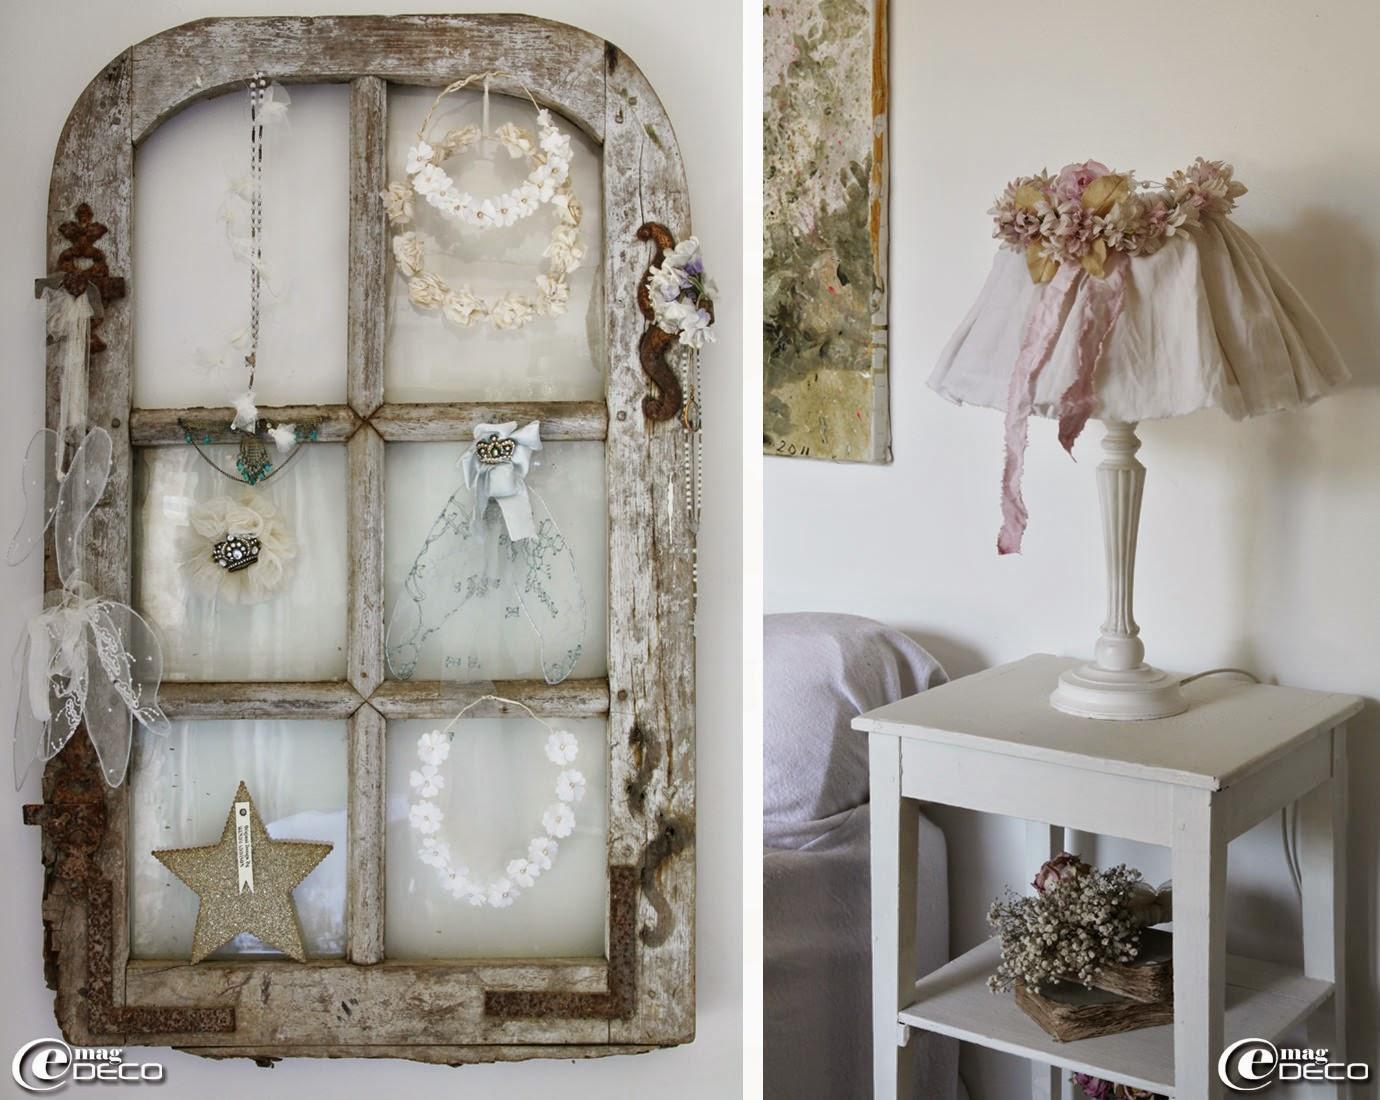 Une ancienne grange tr s shabby e magdeco magazine de d coration - Magazine de decoration ...